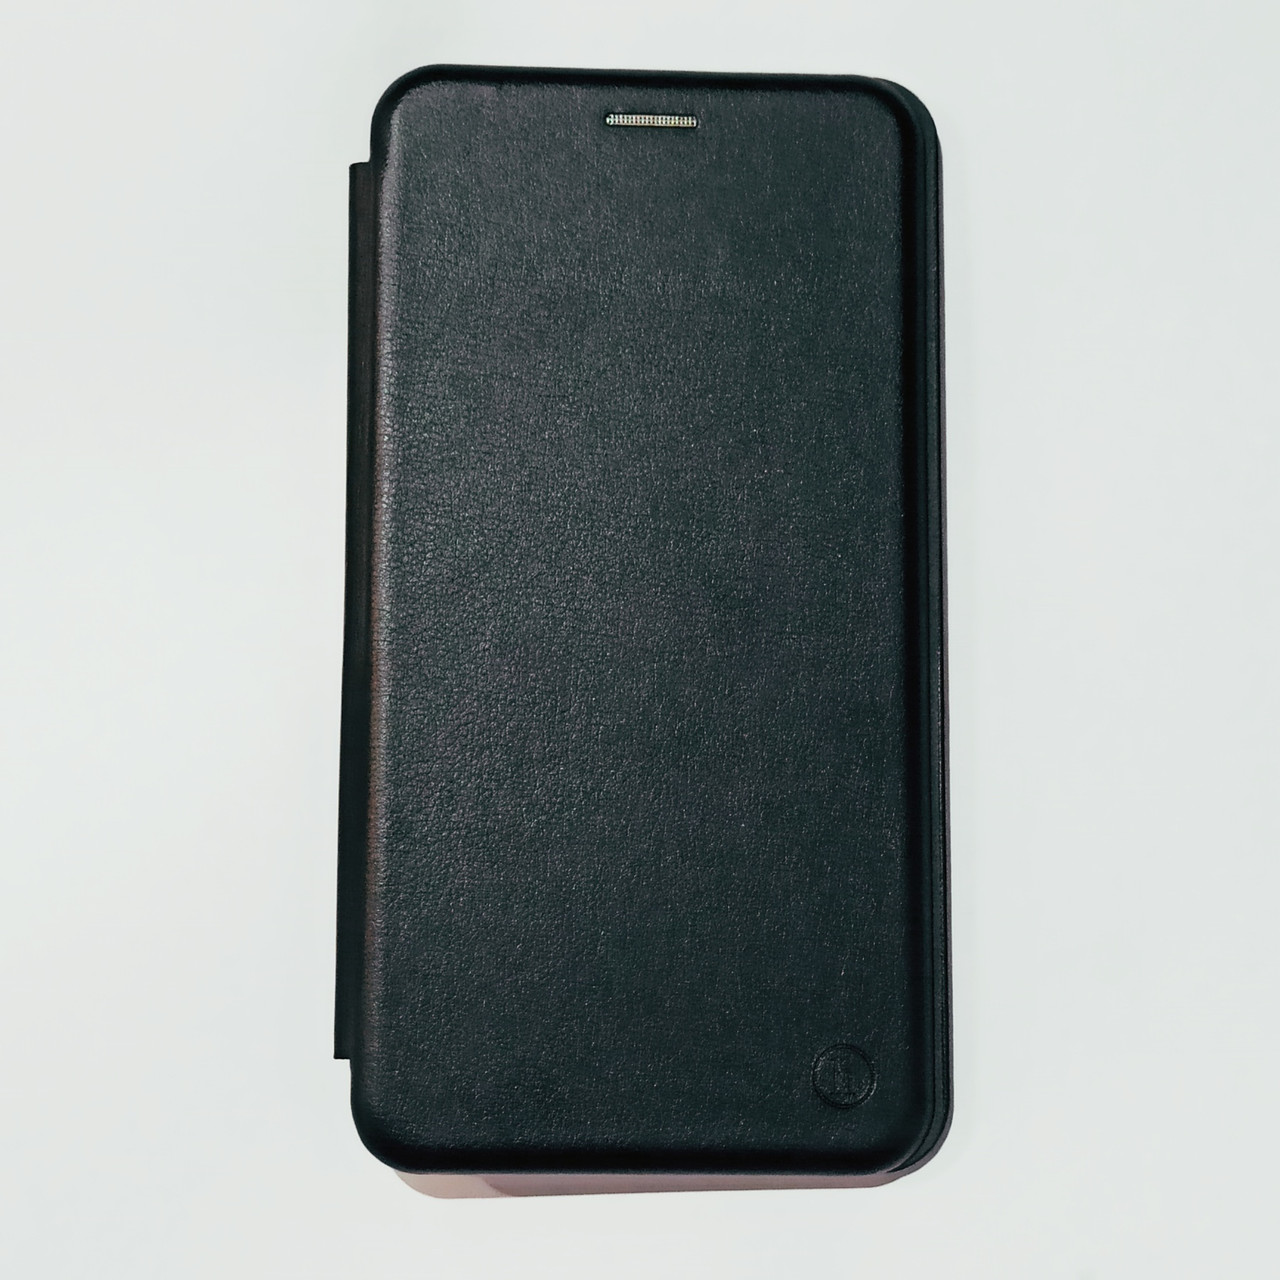 Универсальный чехол книжка для телефона 5,5-6,0 дюймов Черный